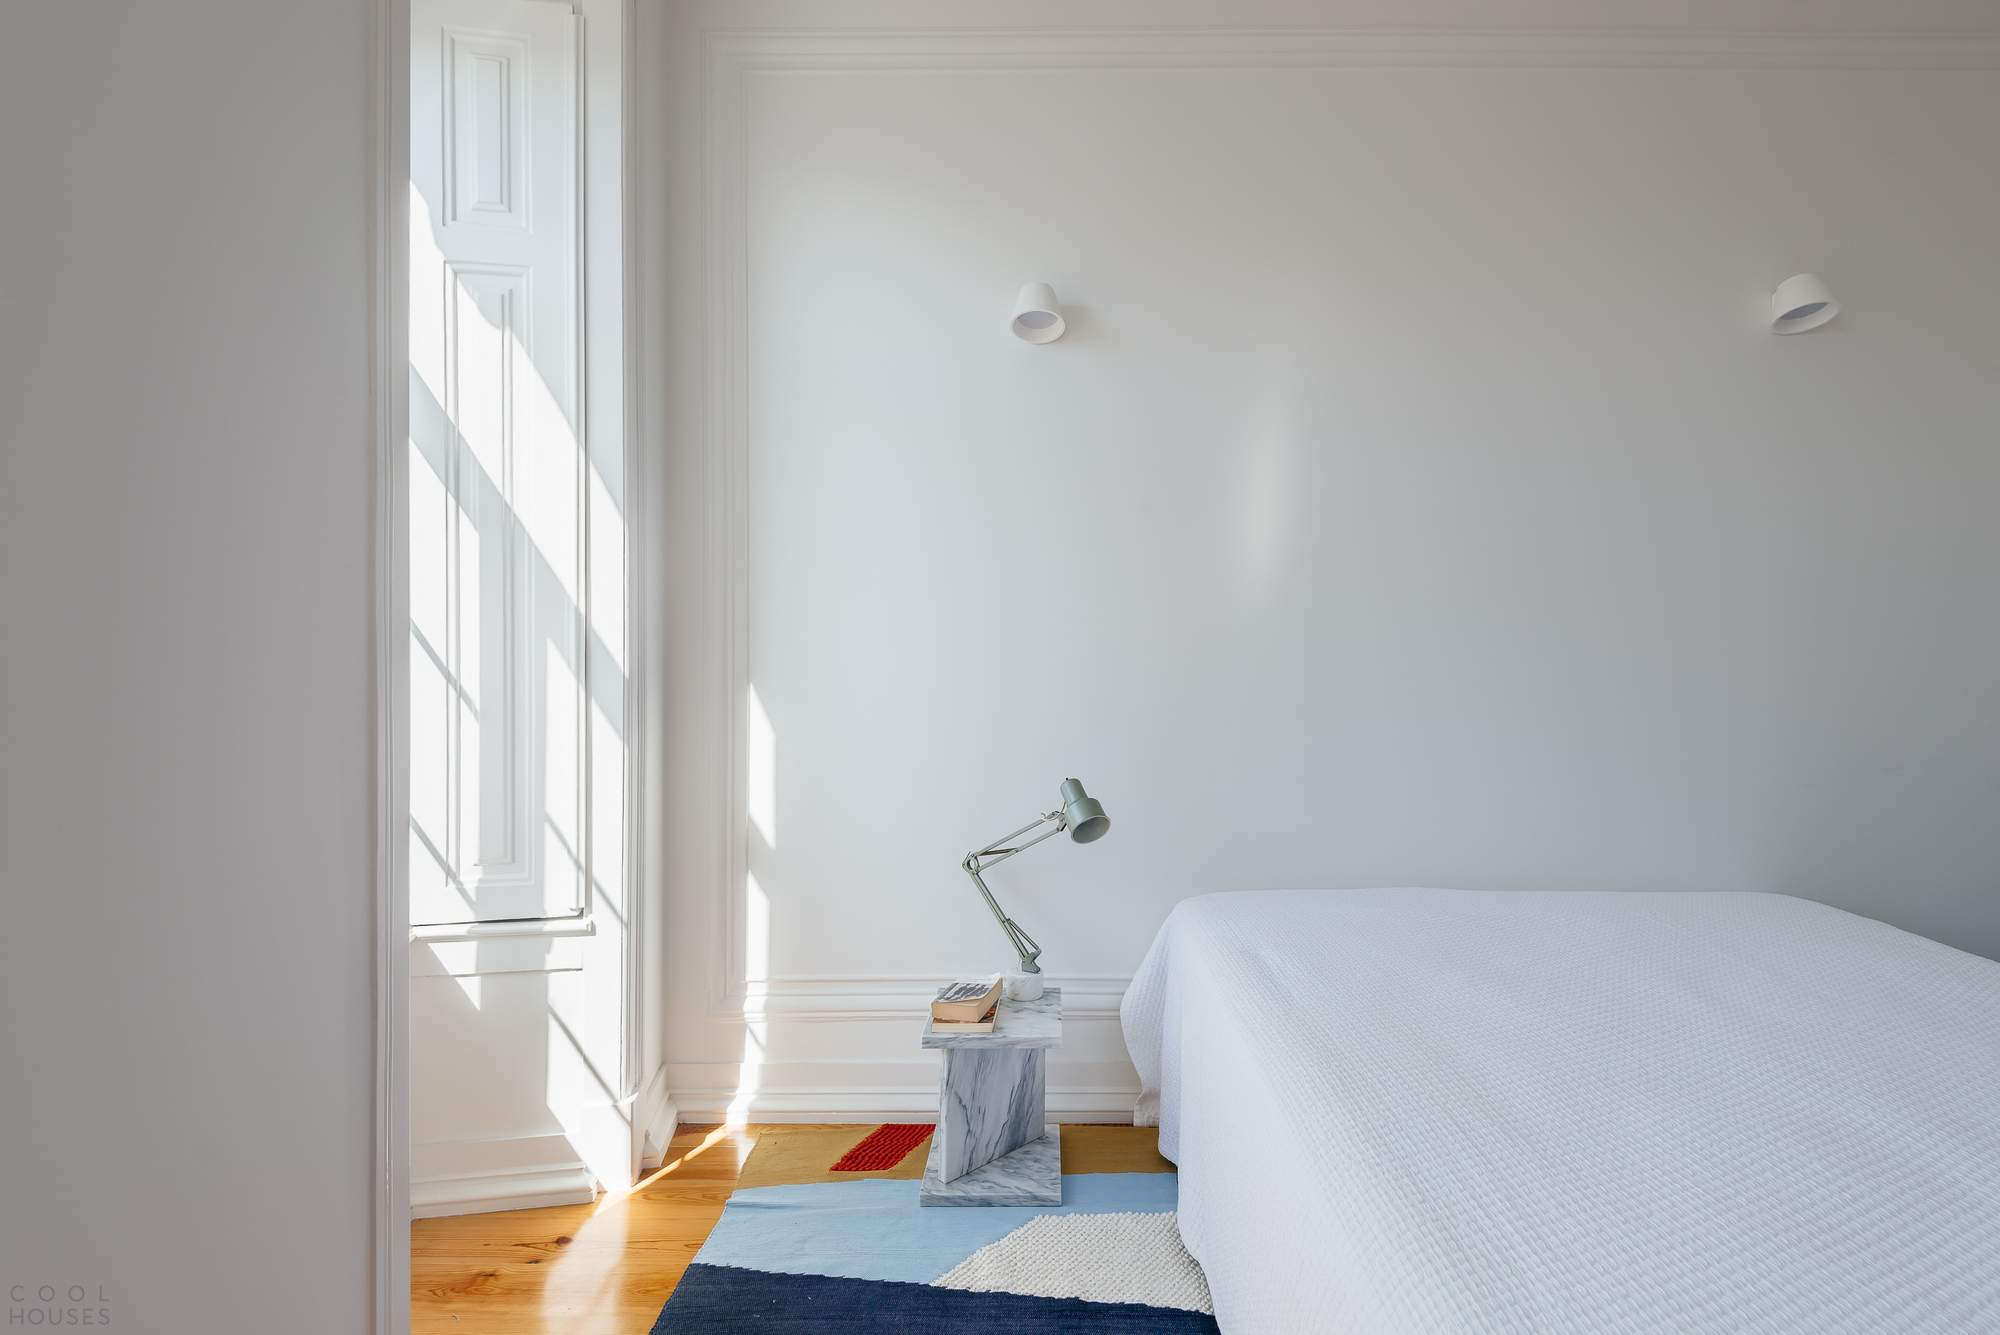 Минималистичная квартира со скандинавским колоритом, Португалия